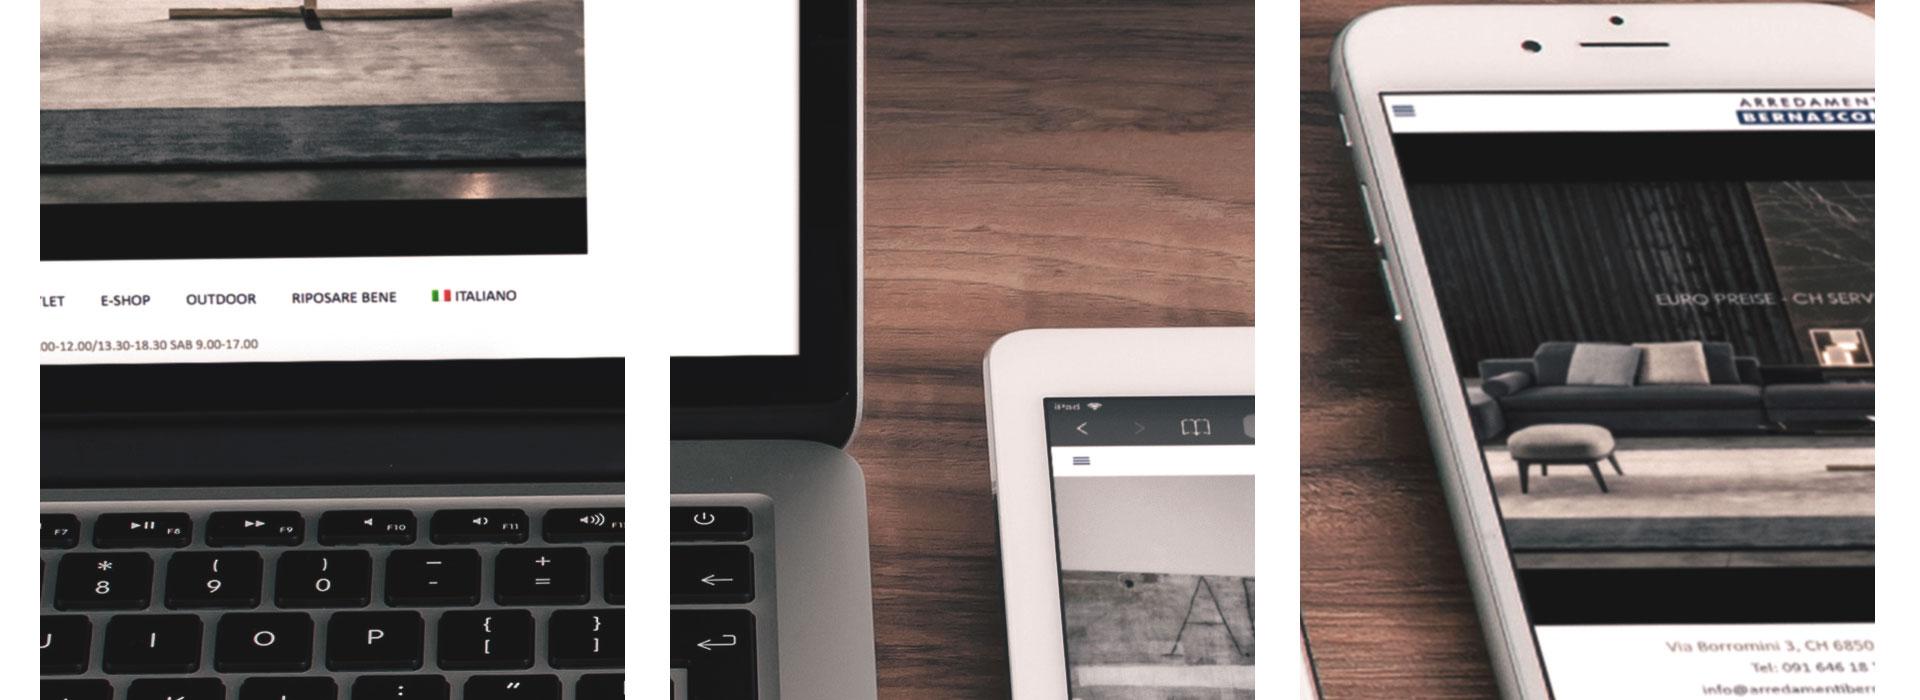 Realizzazione sito web per negozi di arredamento in ticino for Siti di arredamenti